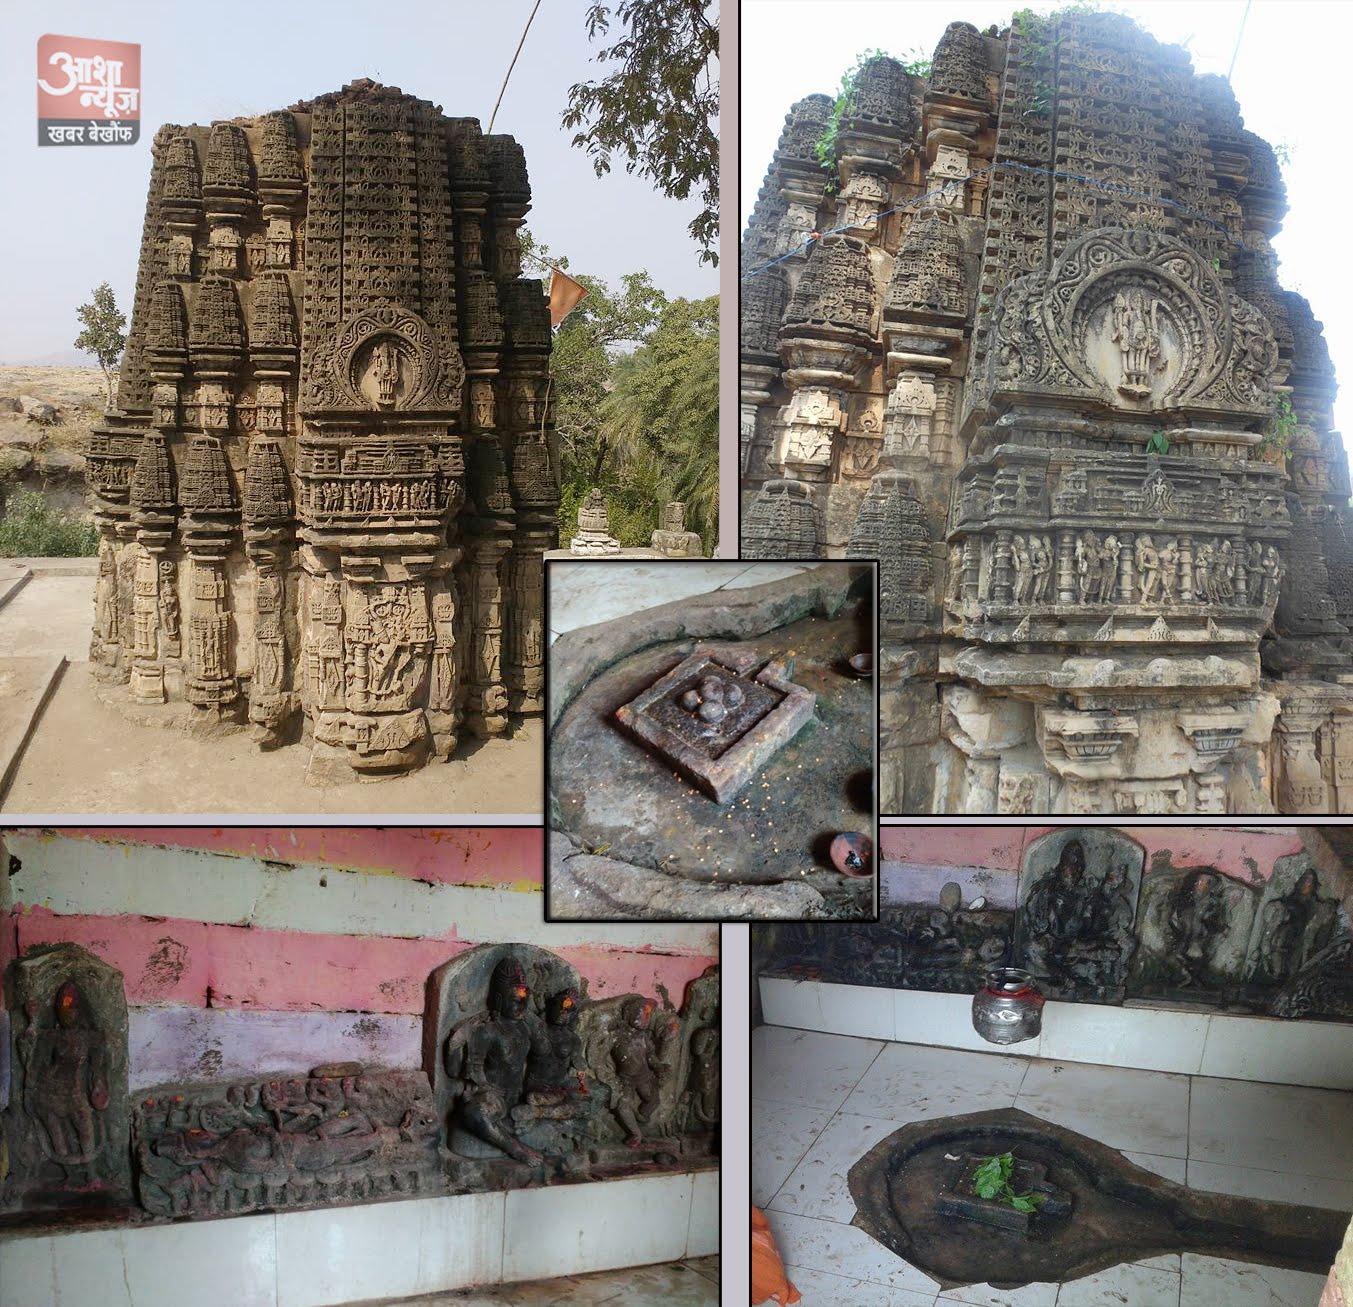 राणापुर से 12 किमी दूर स्थित ग्राम देवल फलिया प्राचीन शिव मंदिर दुर्लभ पंचमुखी शिवलिंग-ranapur-deval-faliya-shiv-mandir